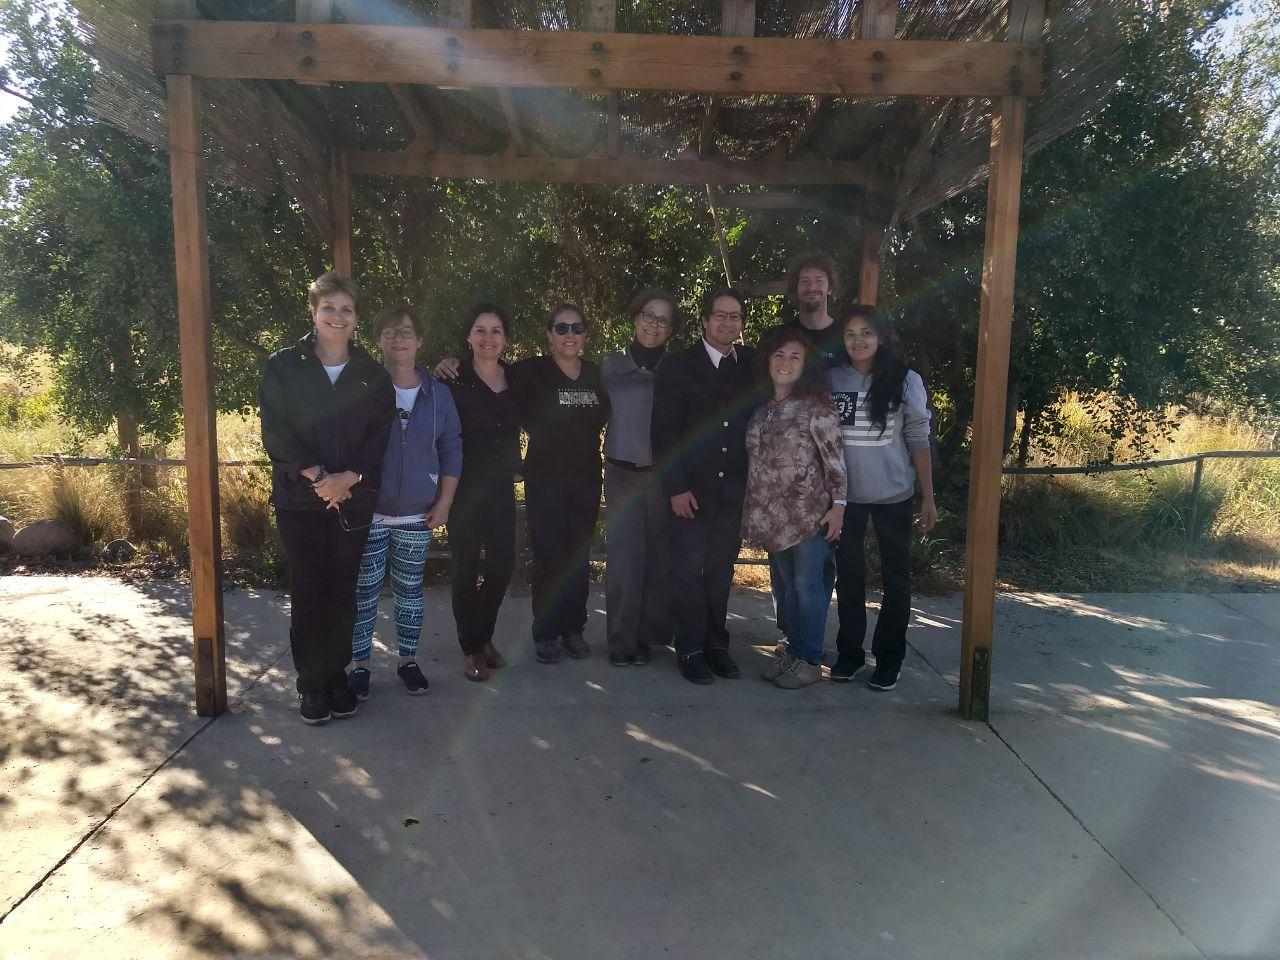 CLASSE DE DÉCOUVERTE DES CE2 À PUTAENDO - DÍAS 1-5